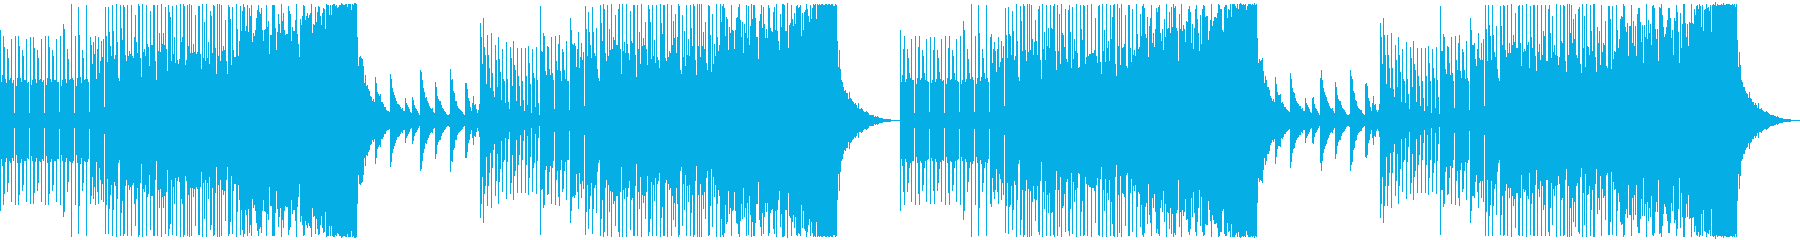 クール・おしゃれなEDM・11の再生済みの波形